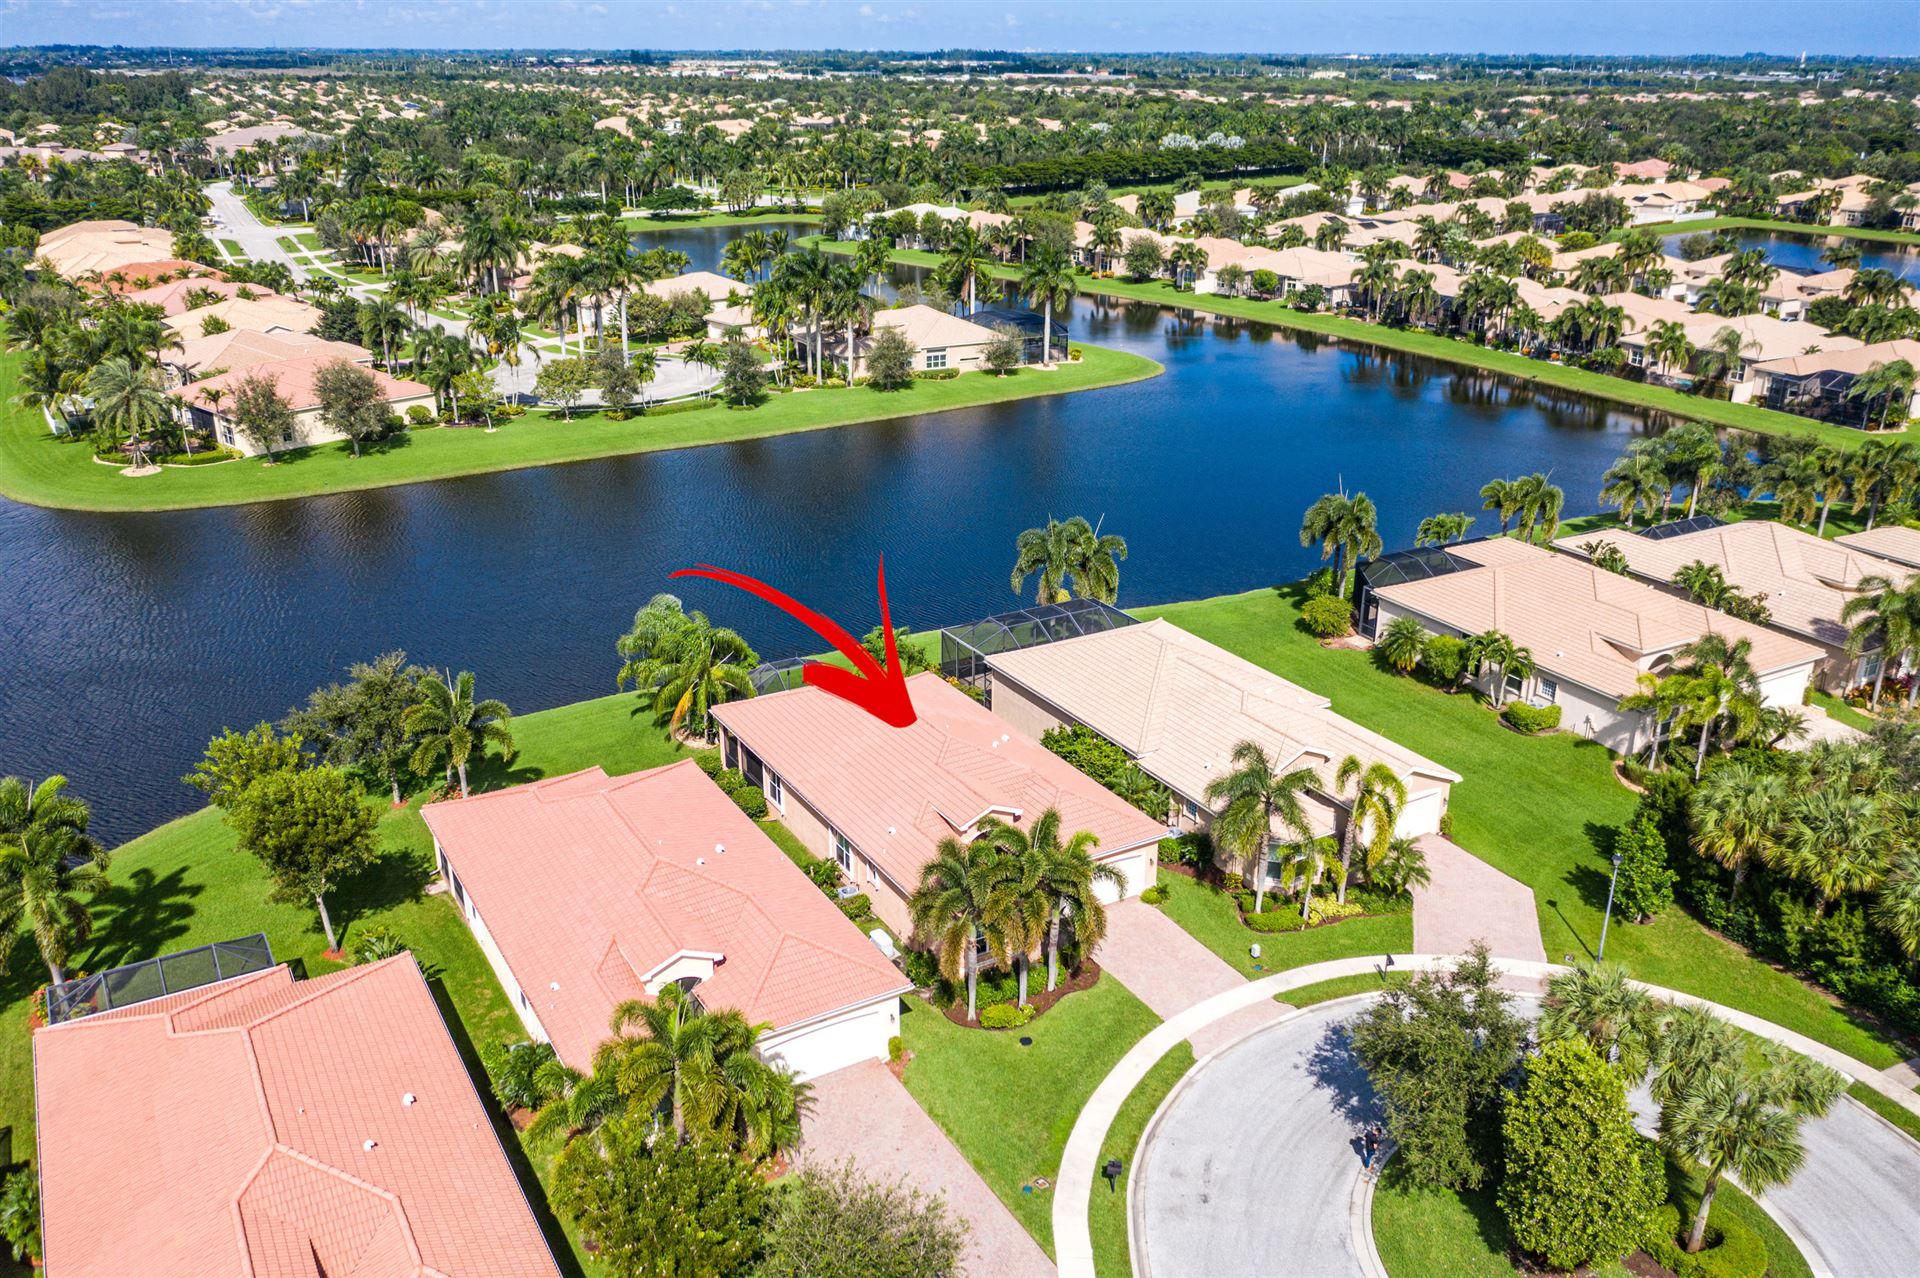 11018 Carmelcove Circle, Boynton Beach, FL 33473 - #: RX-10666925